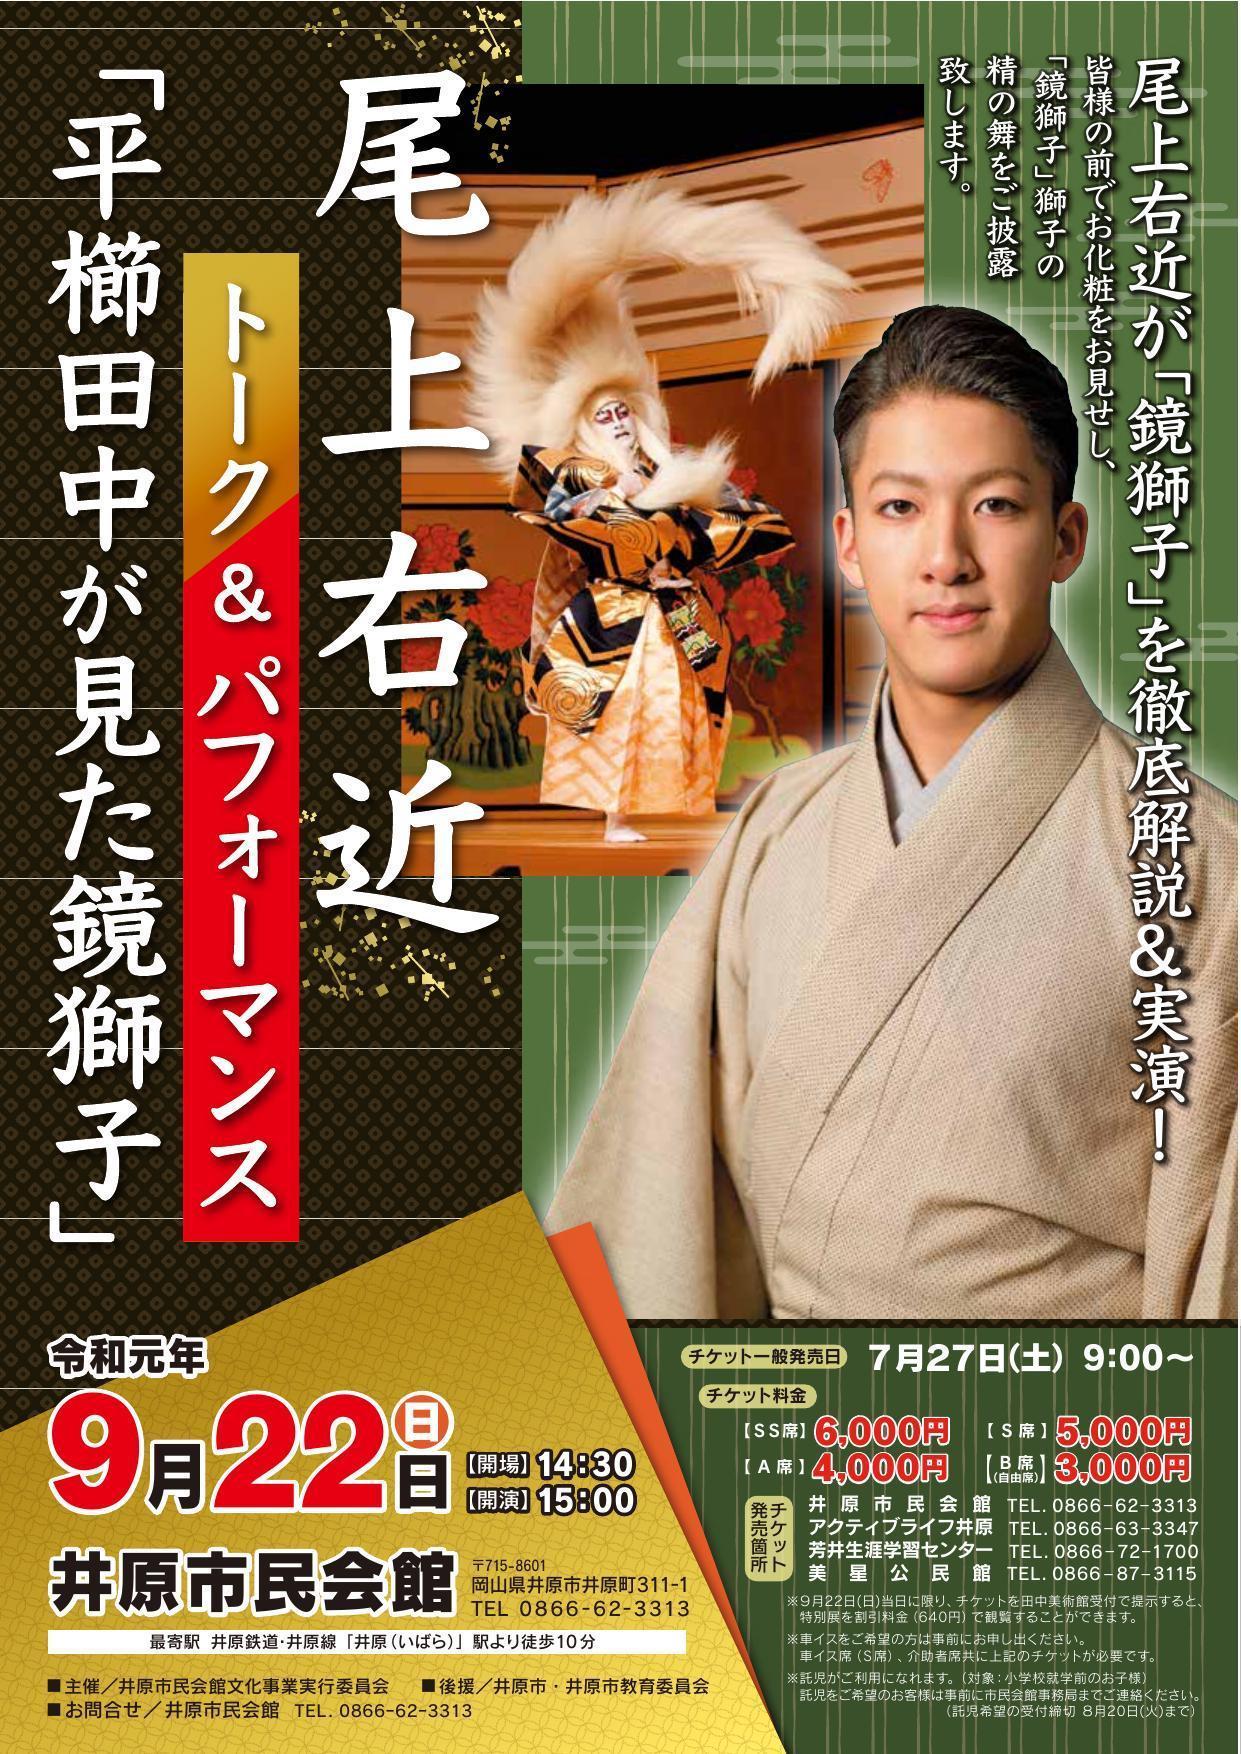 2019年9月22日(日)尾上右近 トーク&パフォーマンス「平櫛田中が見た鏡獅子」